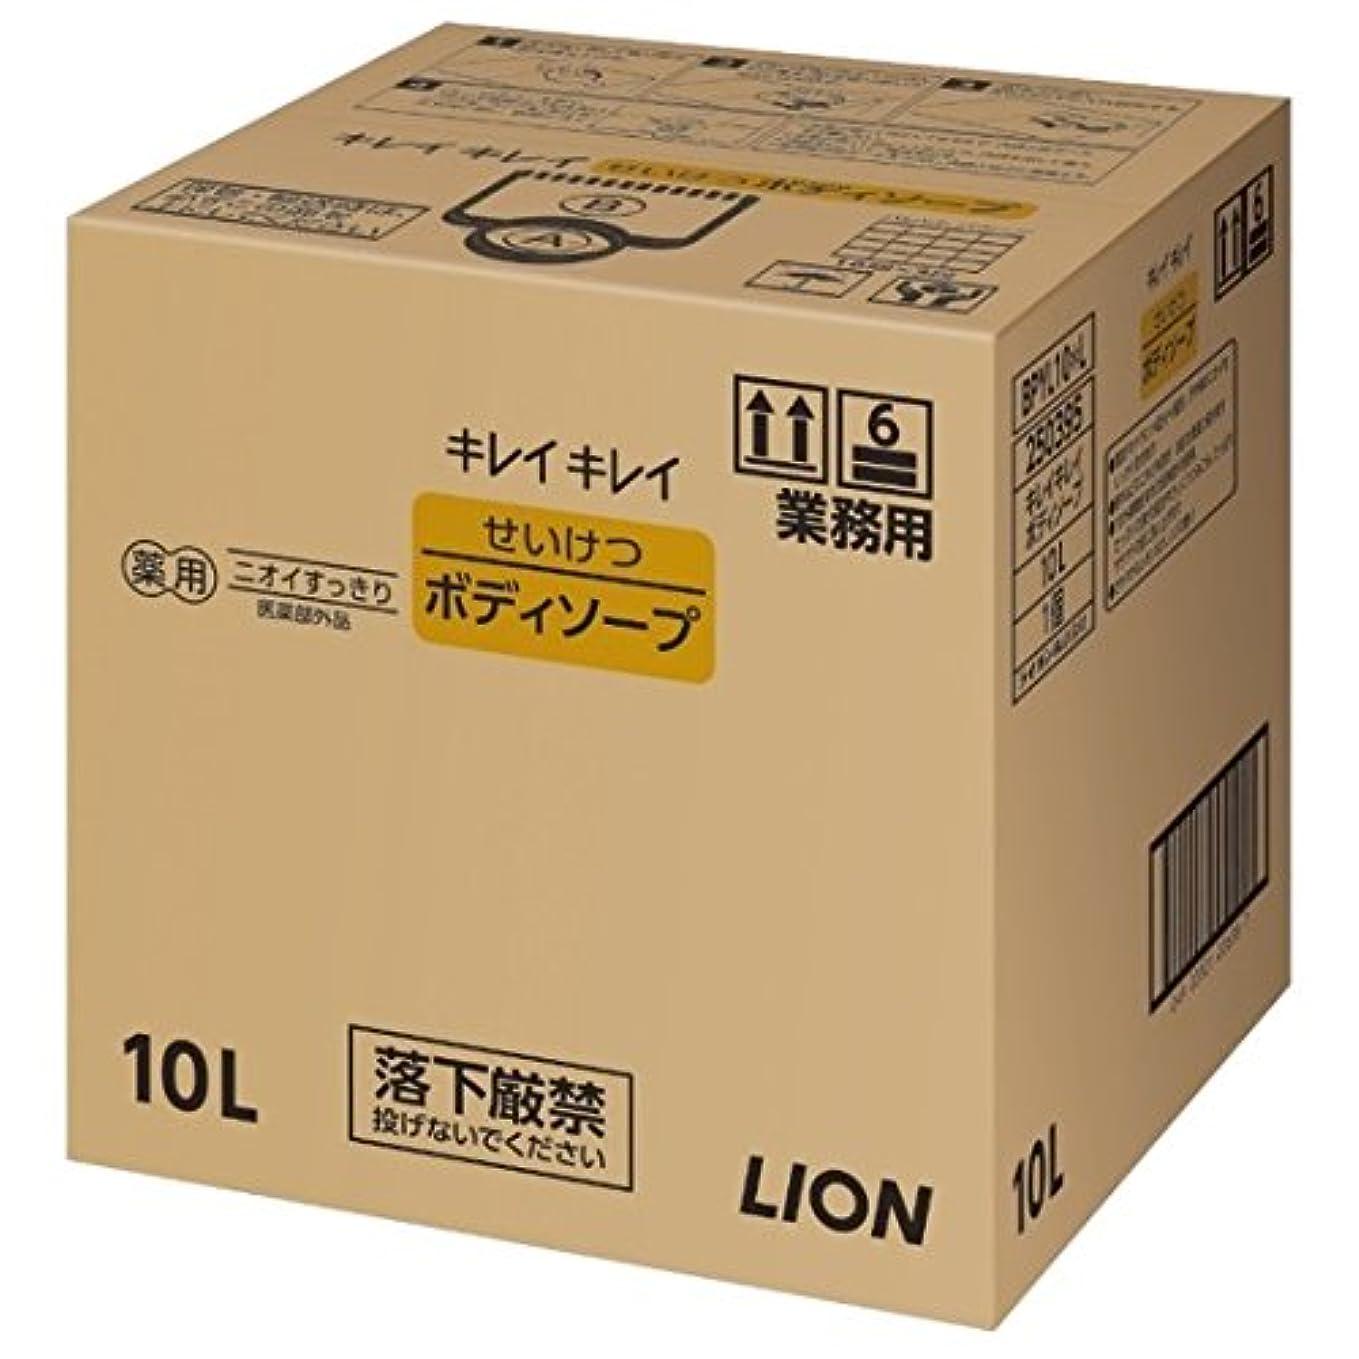 相互接続中断民兵ライオン 業務用 キレイキレイ せいけつボディソープ 10L